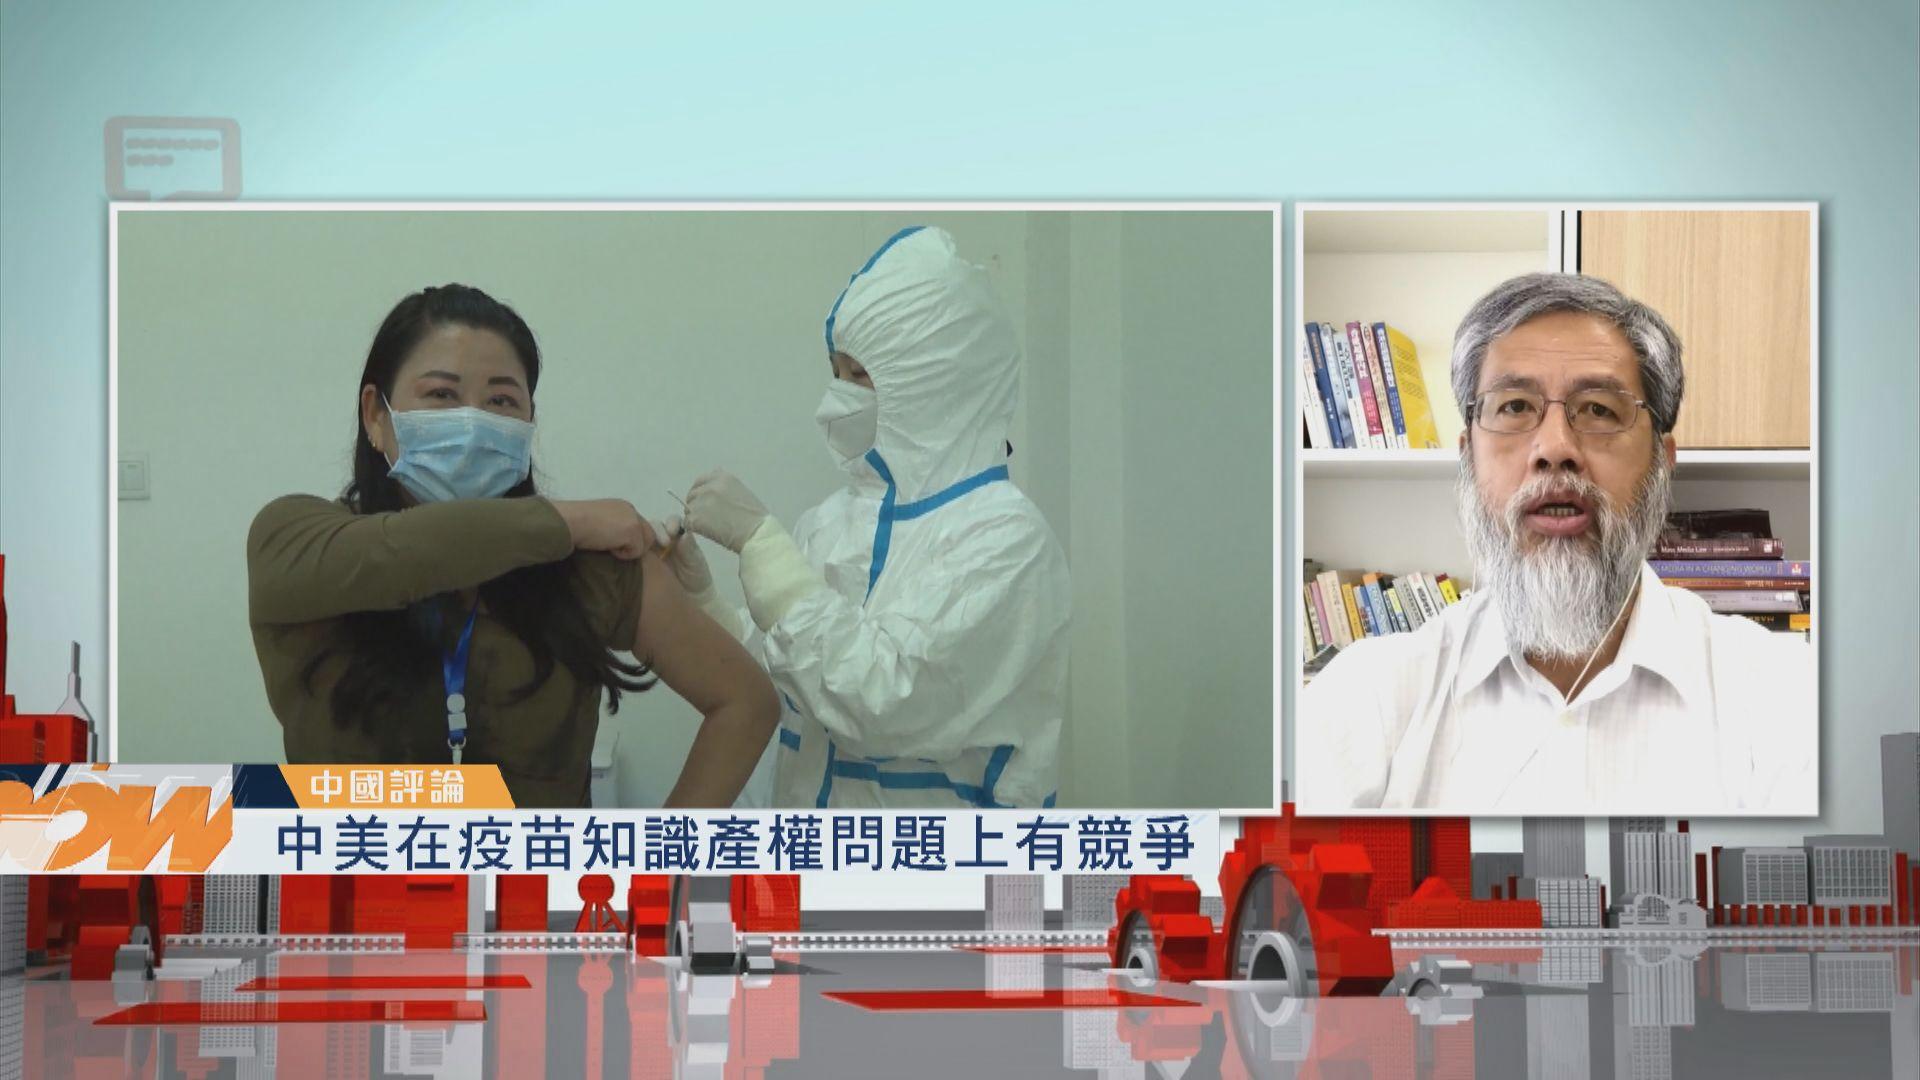 【中國評論】疫苗知識產權/成都中學生墮樓身亡